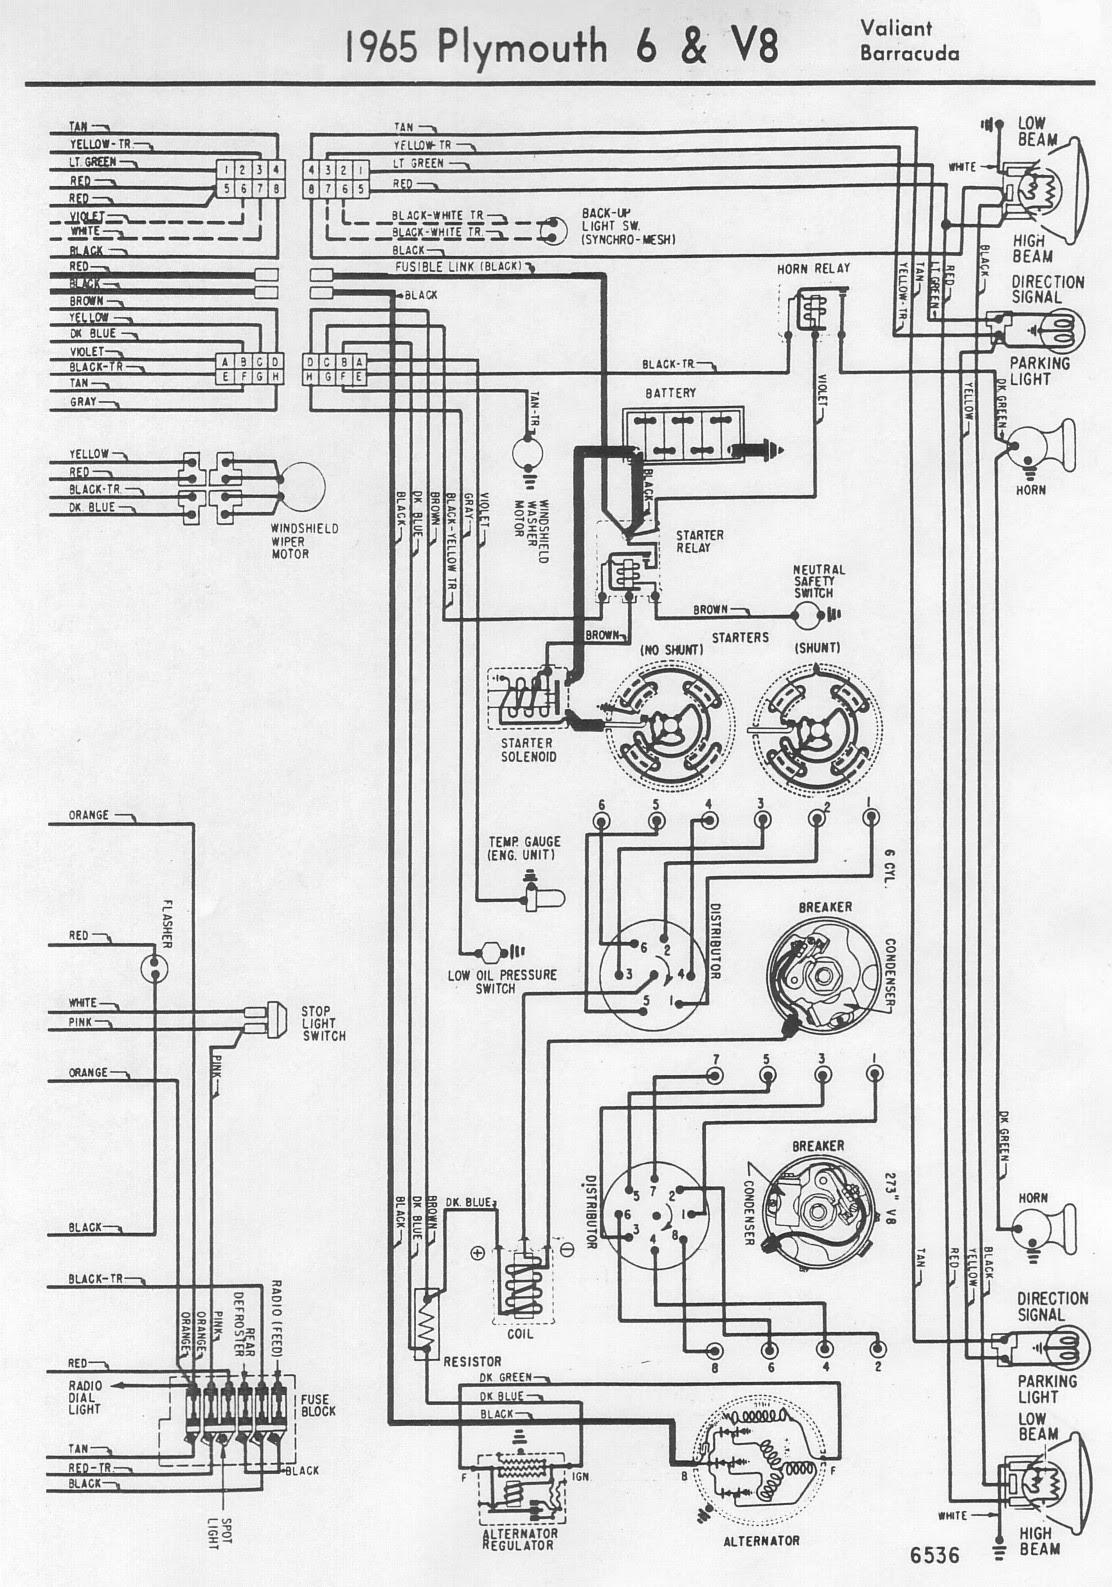 1969 Roadrunner Wiring Diagram - 89 300zx Tach Wiring Diagram for Wiring  Diagram SchematicsWiring Diagram Schematics